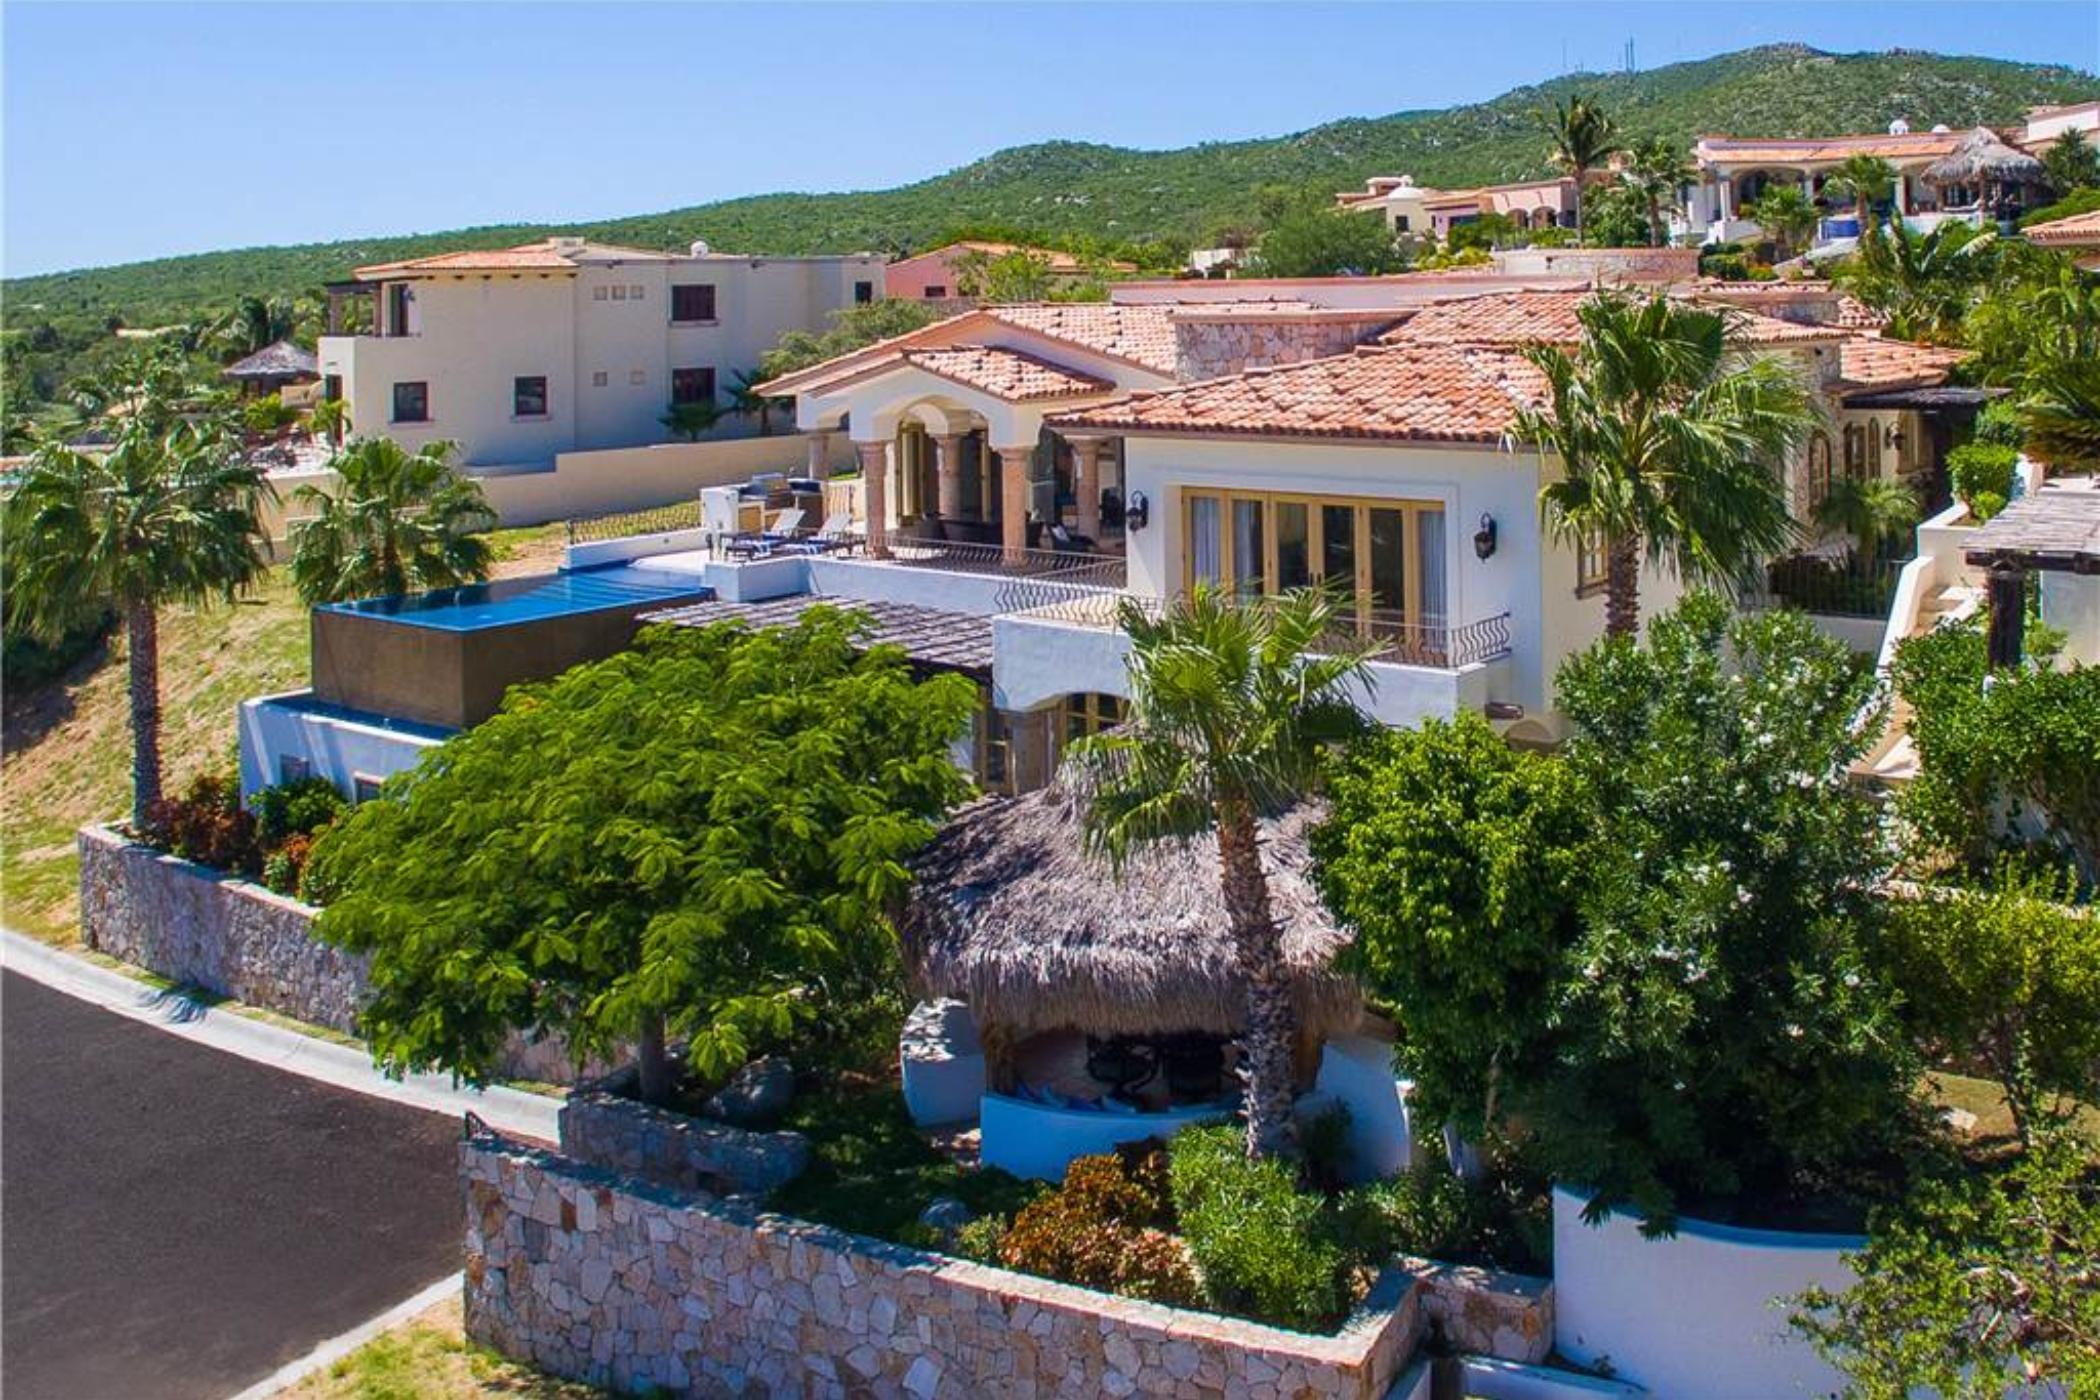 Villa de los Faros